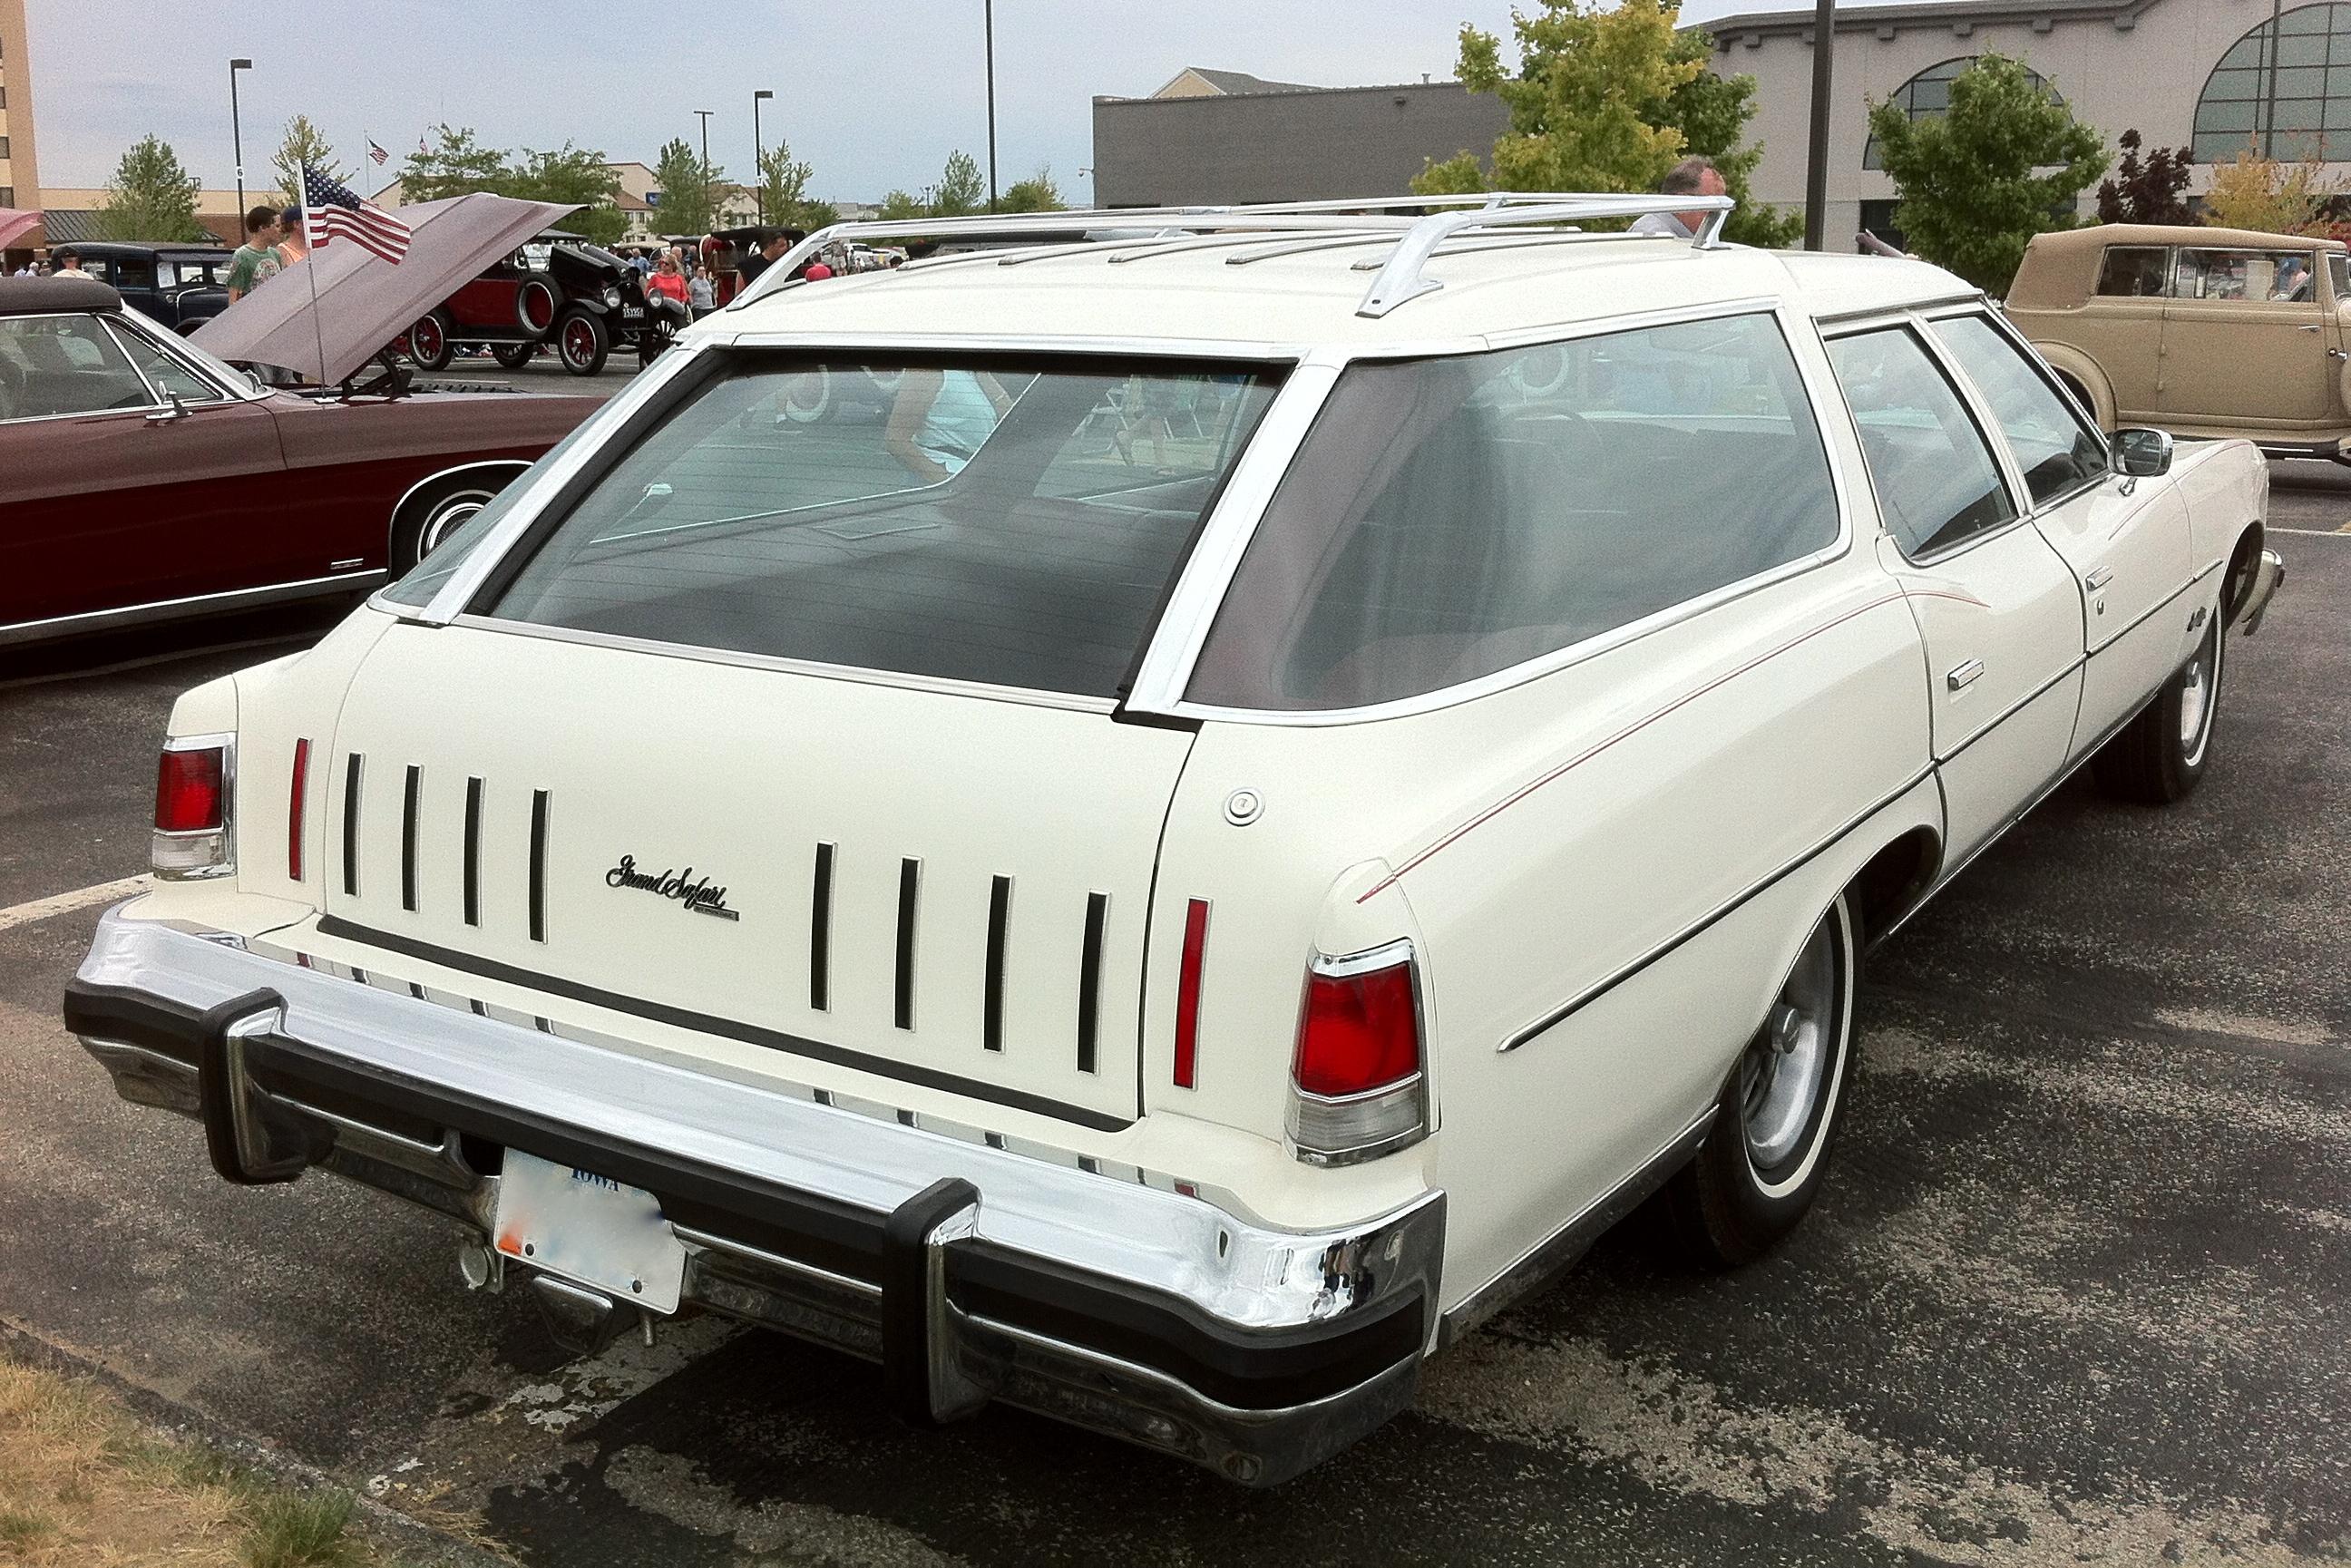 Pontiac Grand Am Car Jolts When Driving